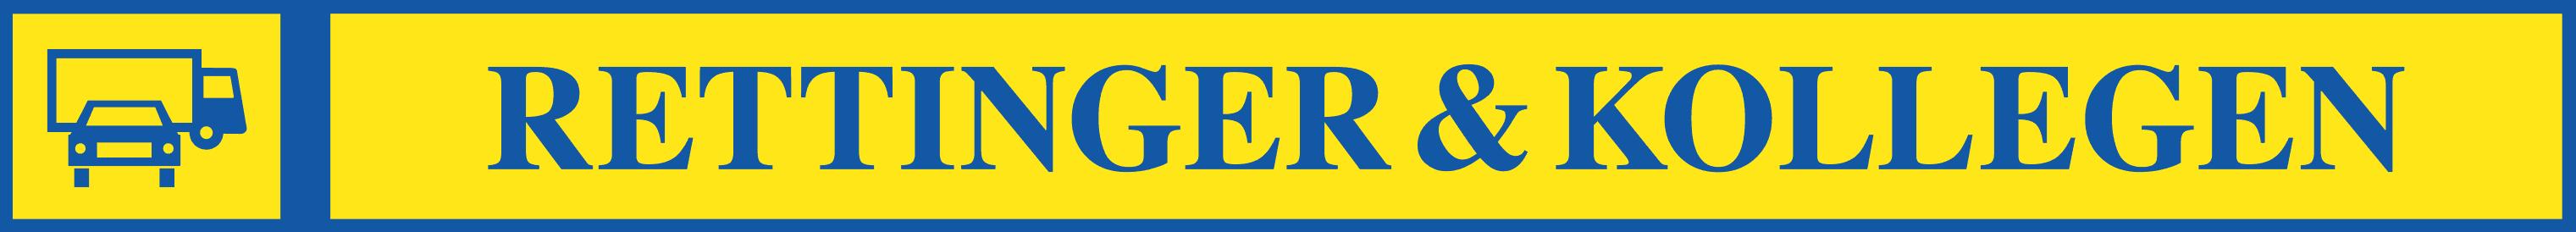 Rettinger & Kollegen unabhängige Sachverständige